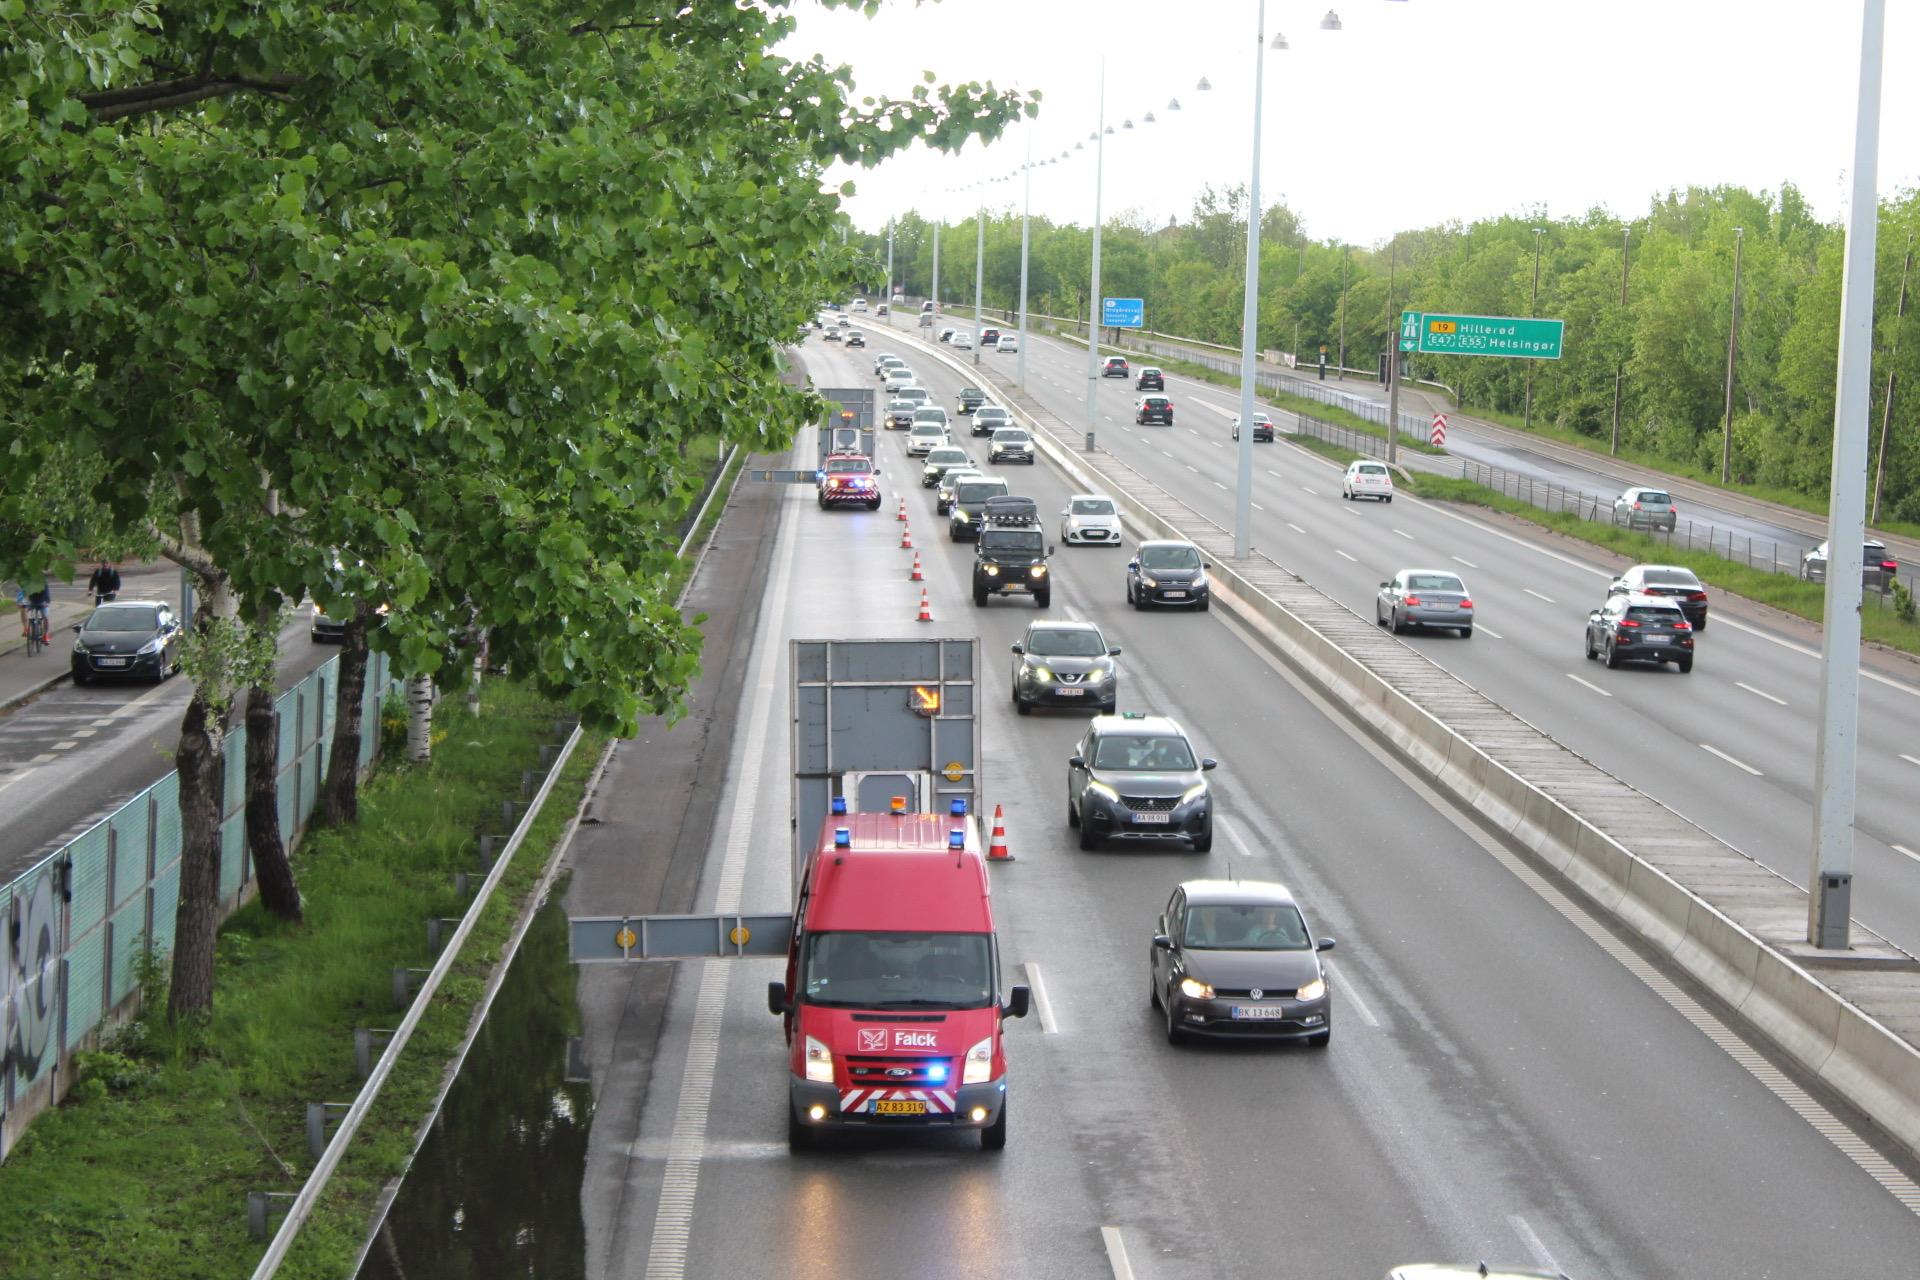 Større mængder vand på motorvej